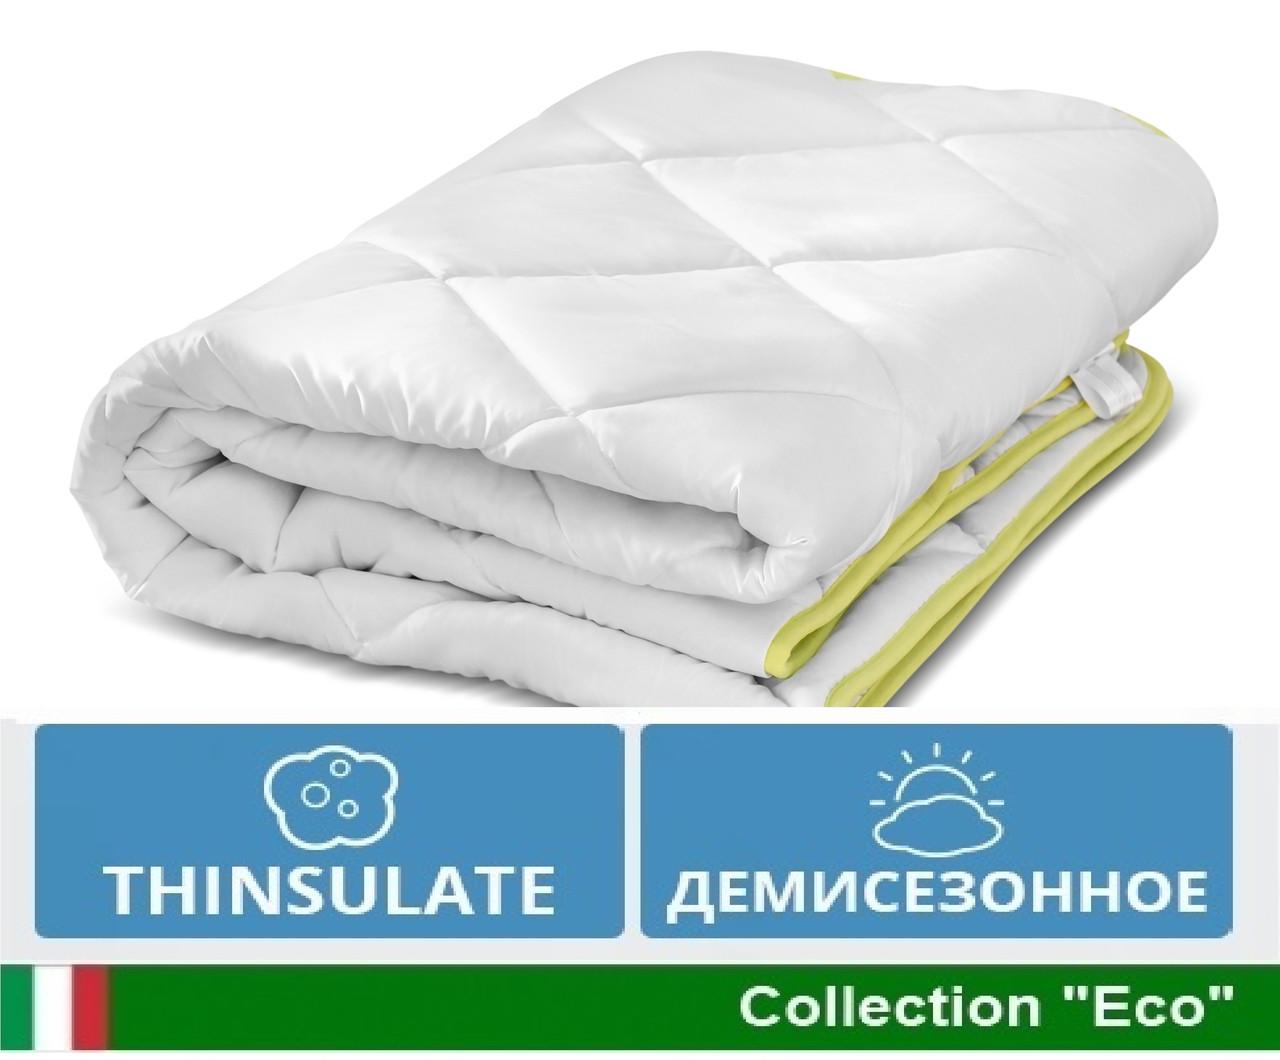 Одеяло ТИНСУЛЕЙТ полуторное демисезон  140x205 Eco MirSon 081